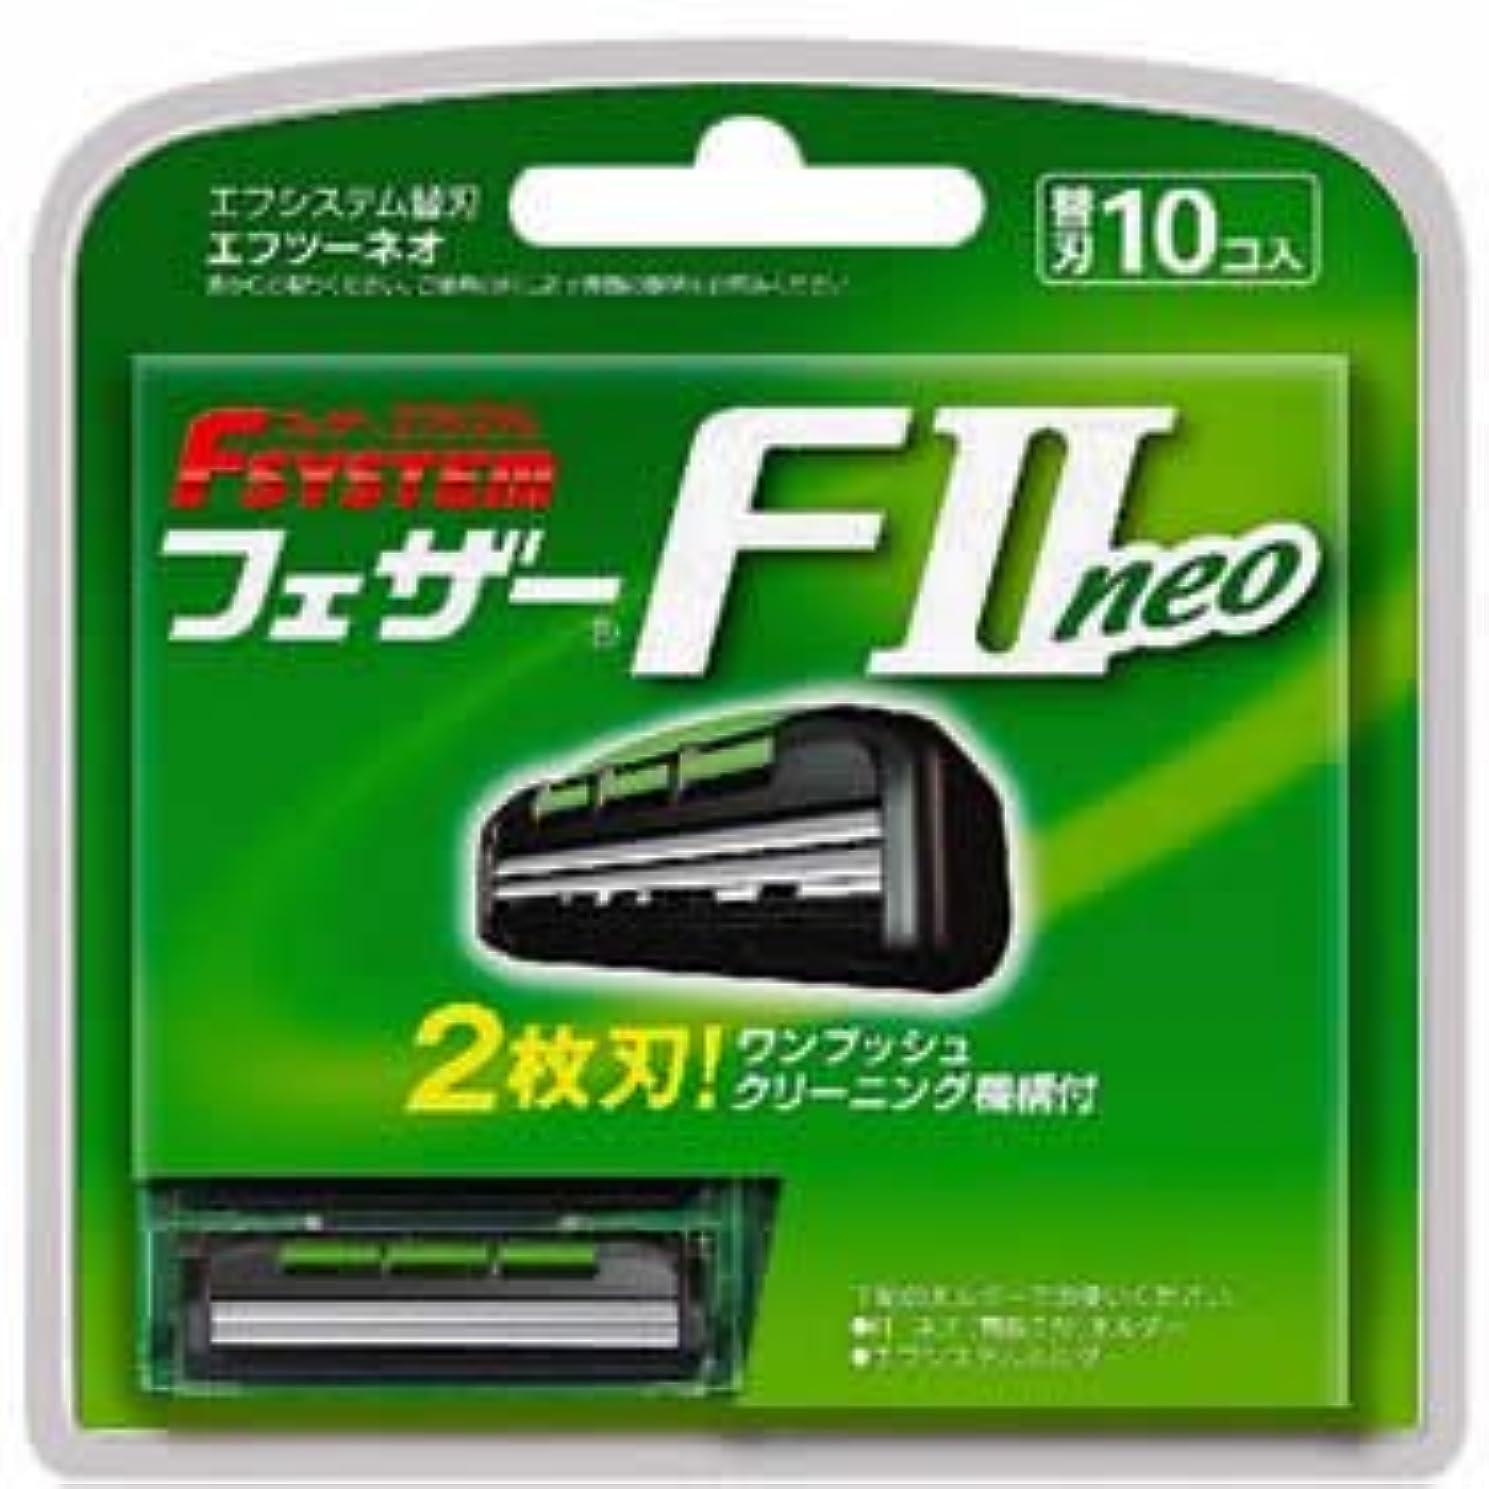 挽く進行中渦フェザー エフシステム F2ネオ 替刃 10個